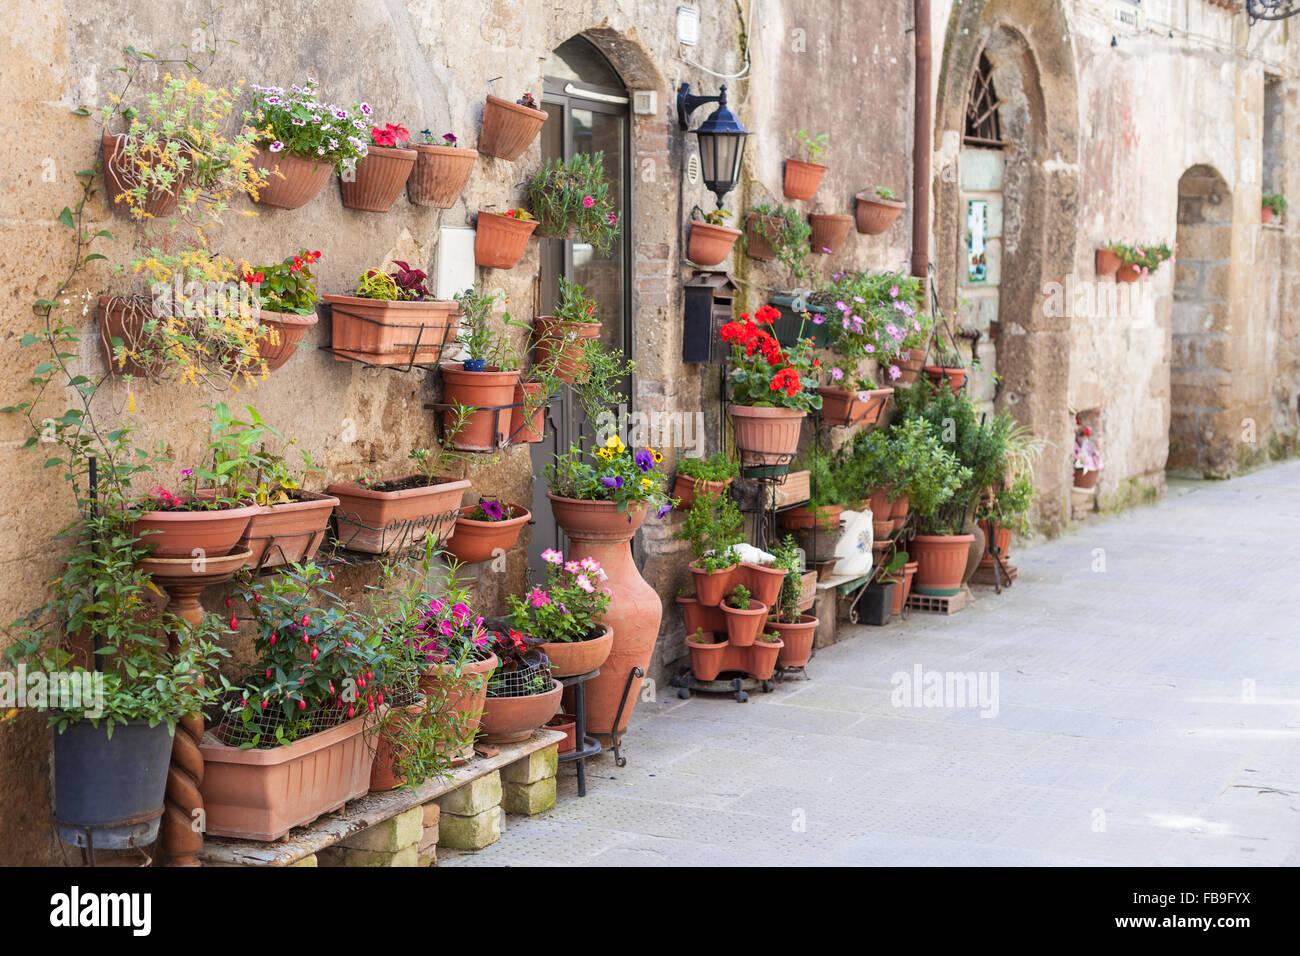 Pots De Fleurs En Ceramique Accrocher Sur L Ancien Mur Italien